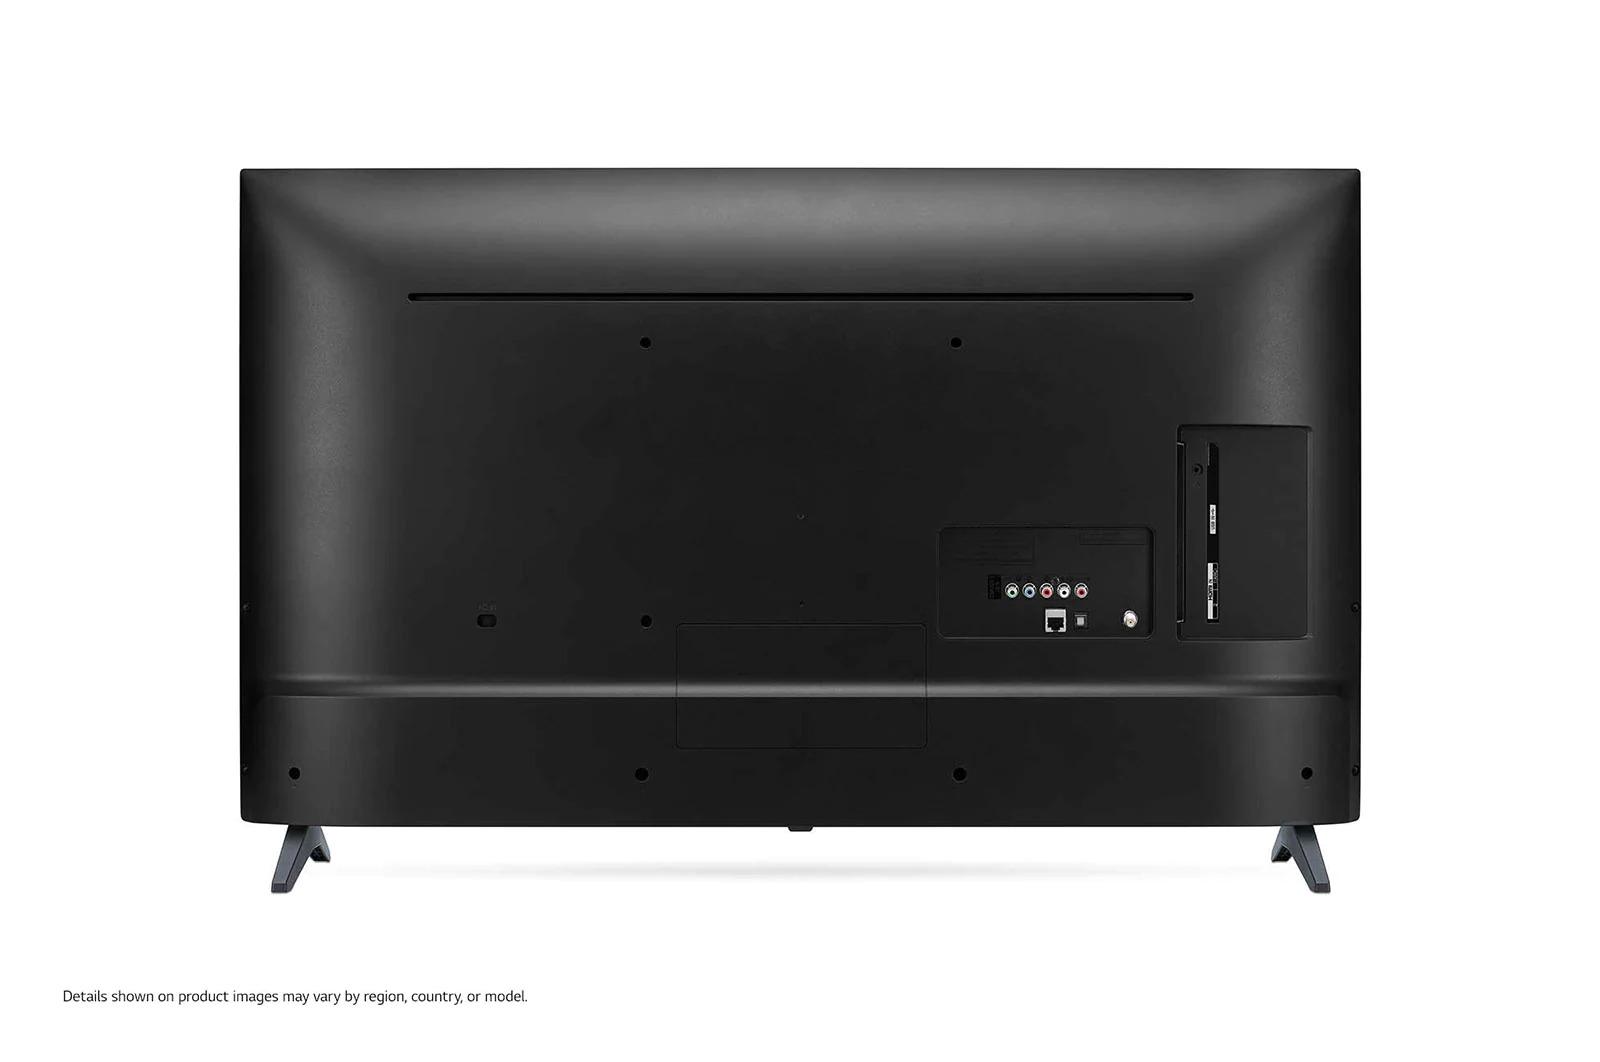 LG (43LM5650PTA) Full HD LED SMART TV 108 Cm (43 Inches) - (2021 Model)